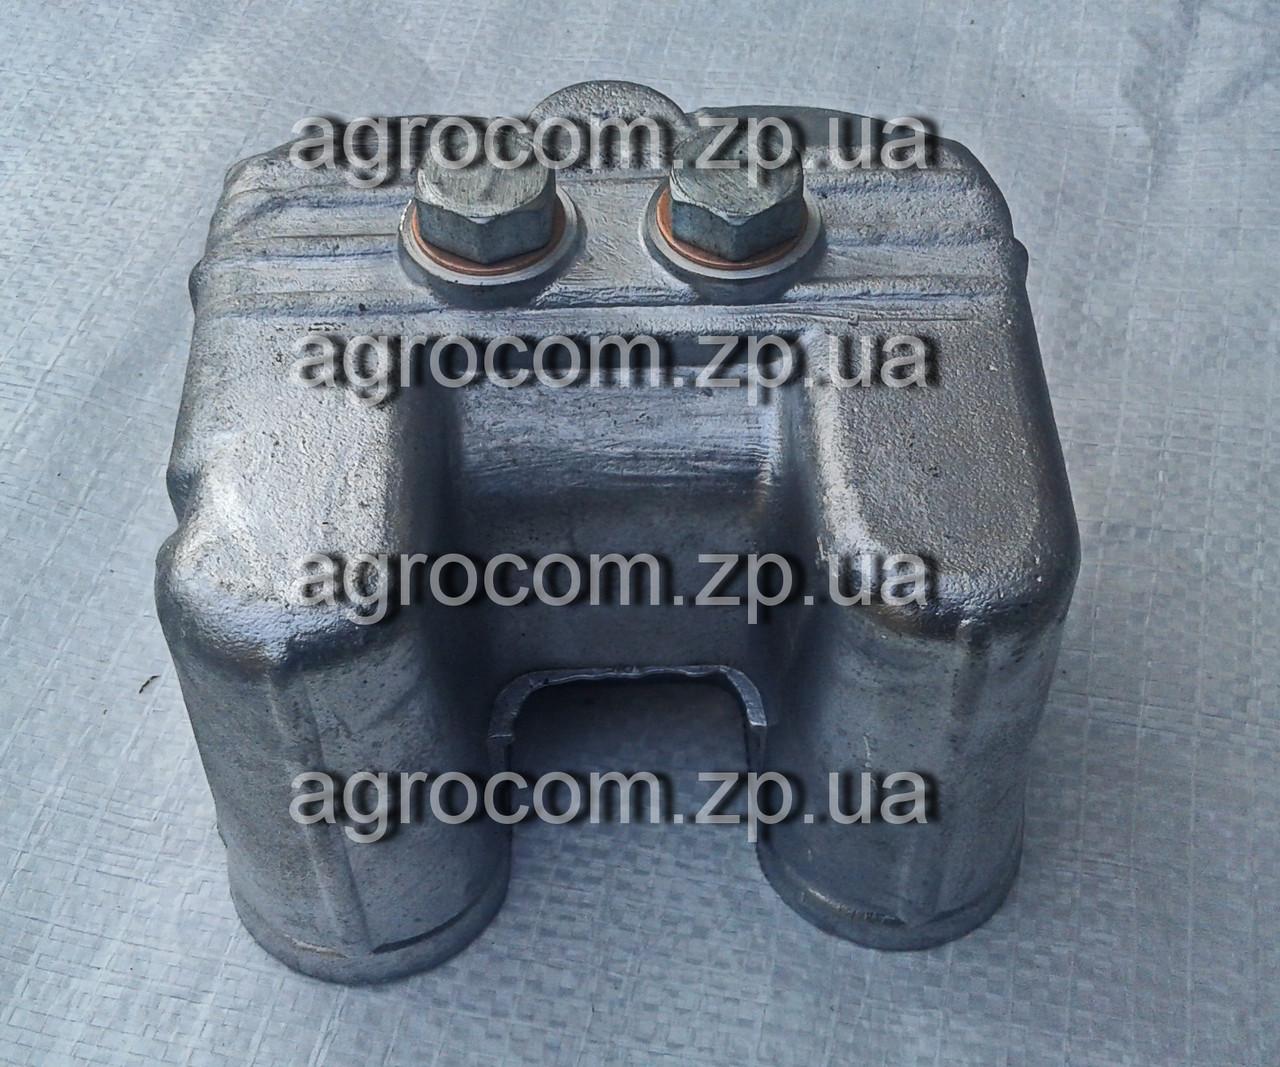 Крышка клапанов Т-40, Т-144